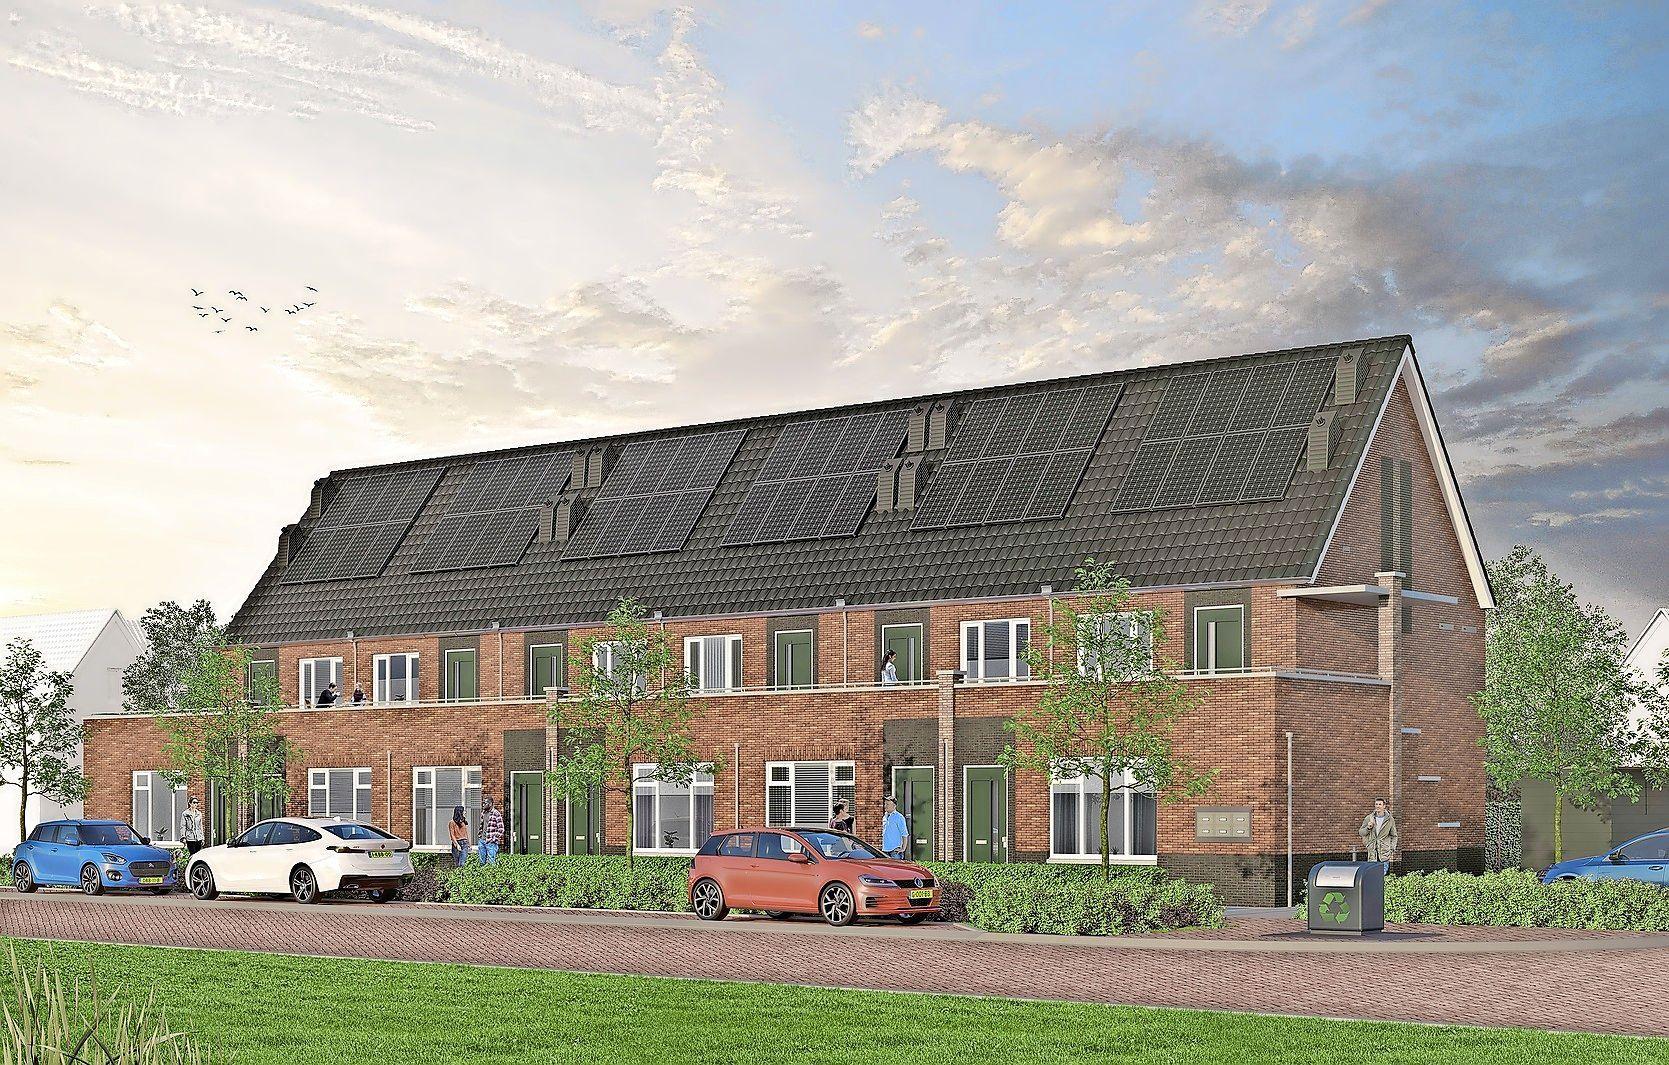 Ruim 300 inschrijvingen binnen een etmaal voor 12 nieuwbouwwoningen in Zwaag